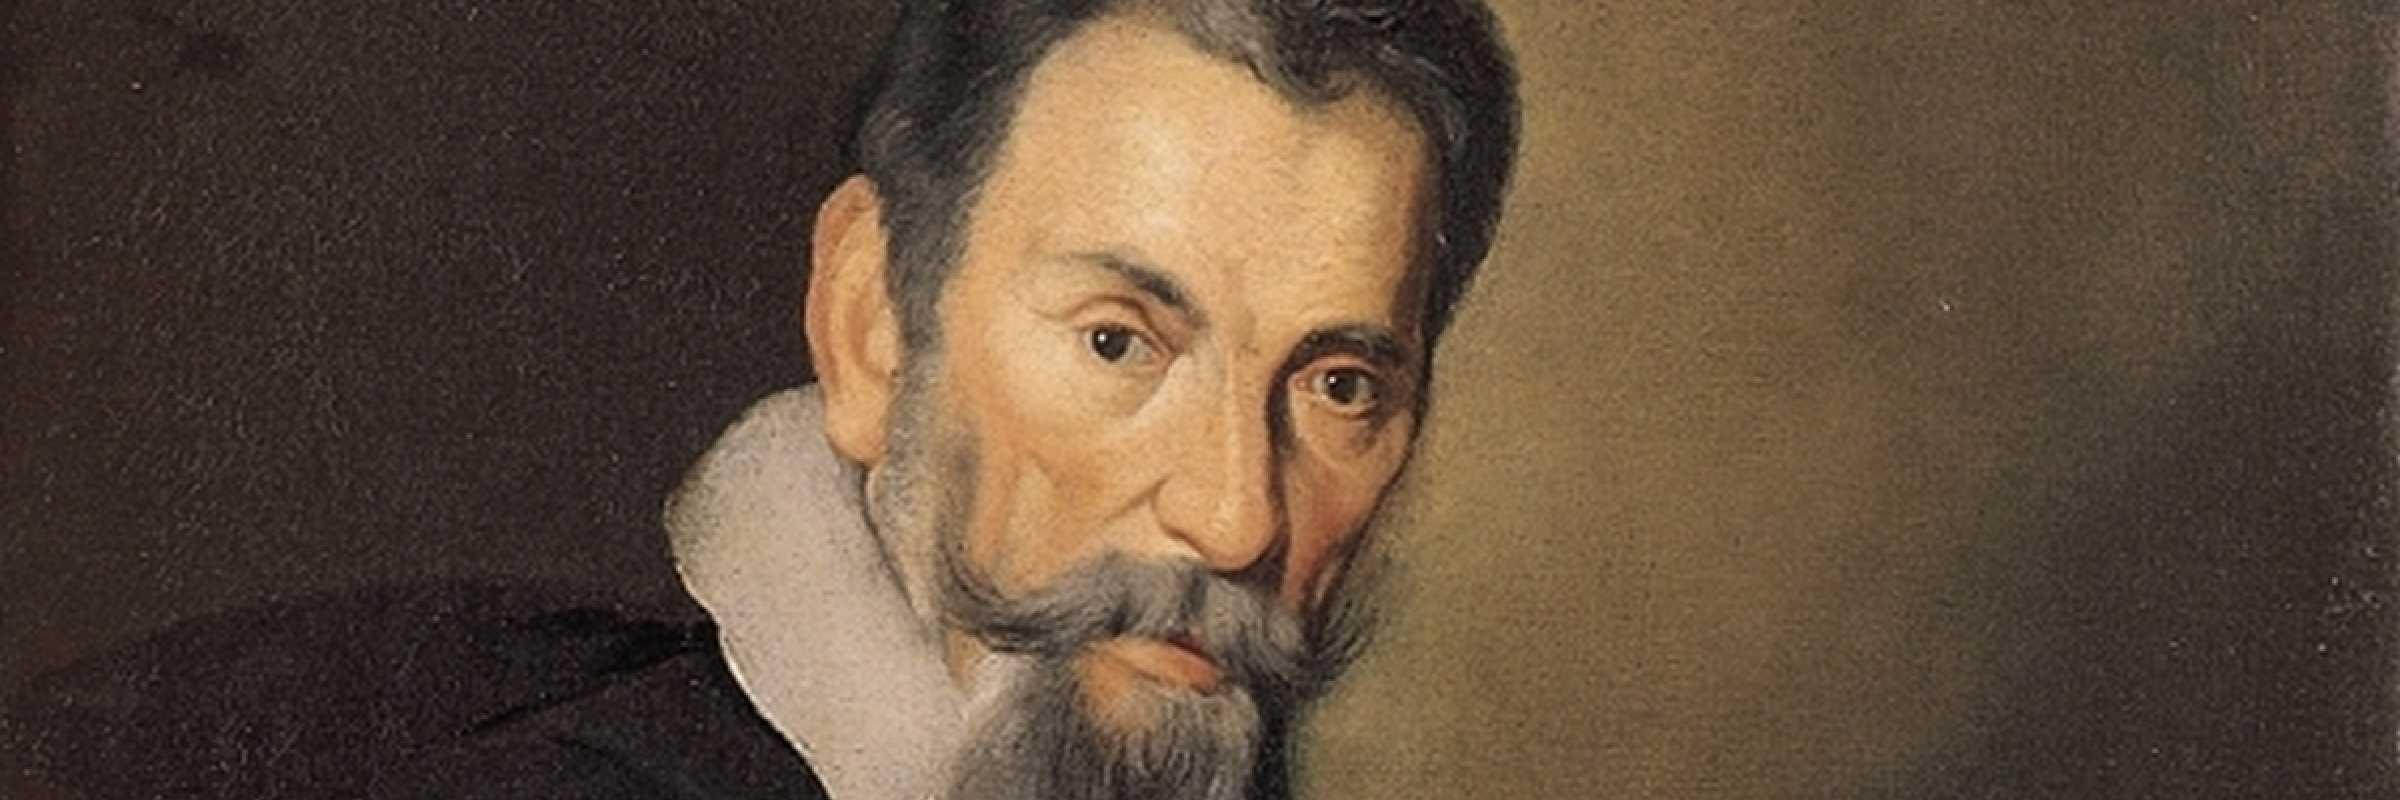 Ritratto di Claudio Monteverdi dipinto da Bernardo Strozzi.